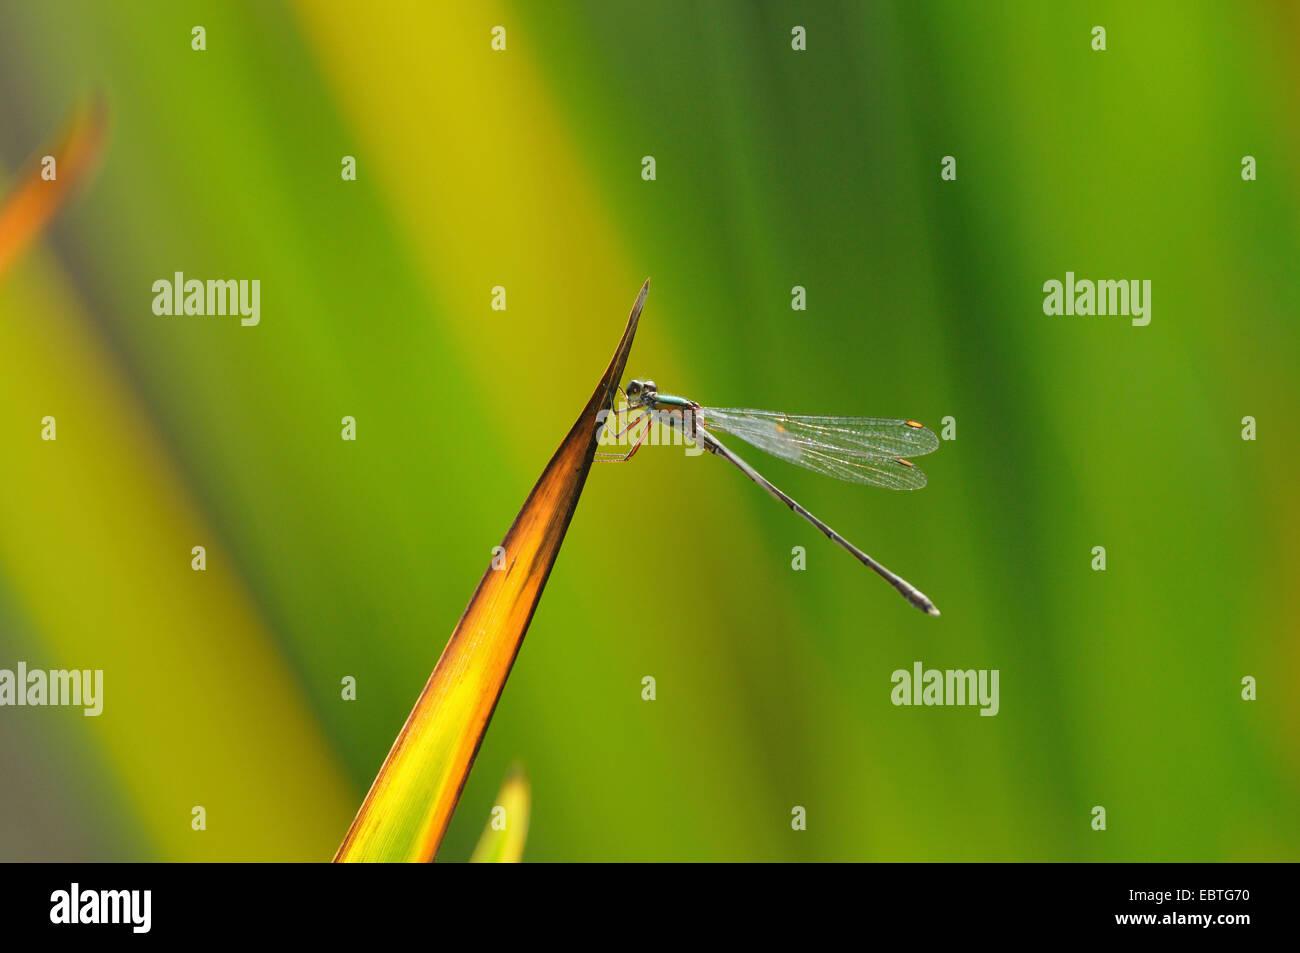 Mererald willow (demoiselle Lestes viridis, Chalcolestes viridis), assis à un point de la feuille, en Allemagne, en Rhénanie du Nord-Westphalie Banque D'Images